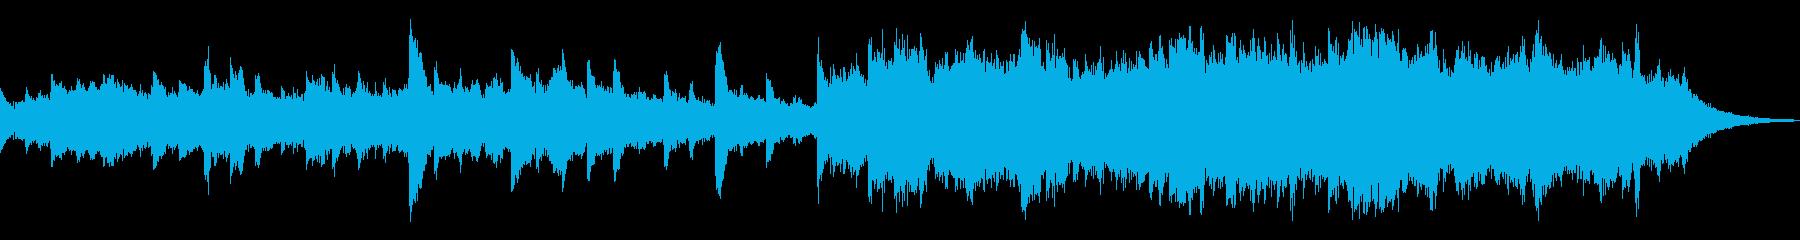 現代的 交響曲 室内楽 プログレッ...の再生済みの波形